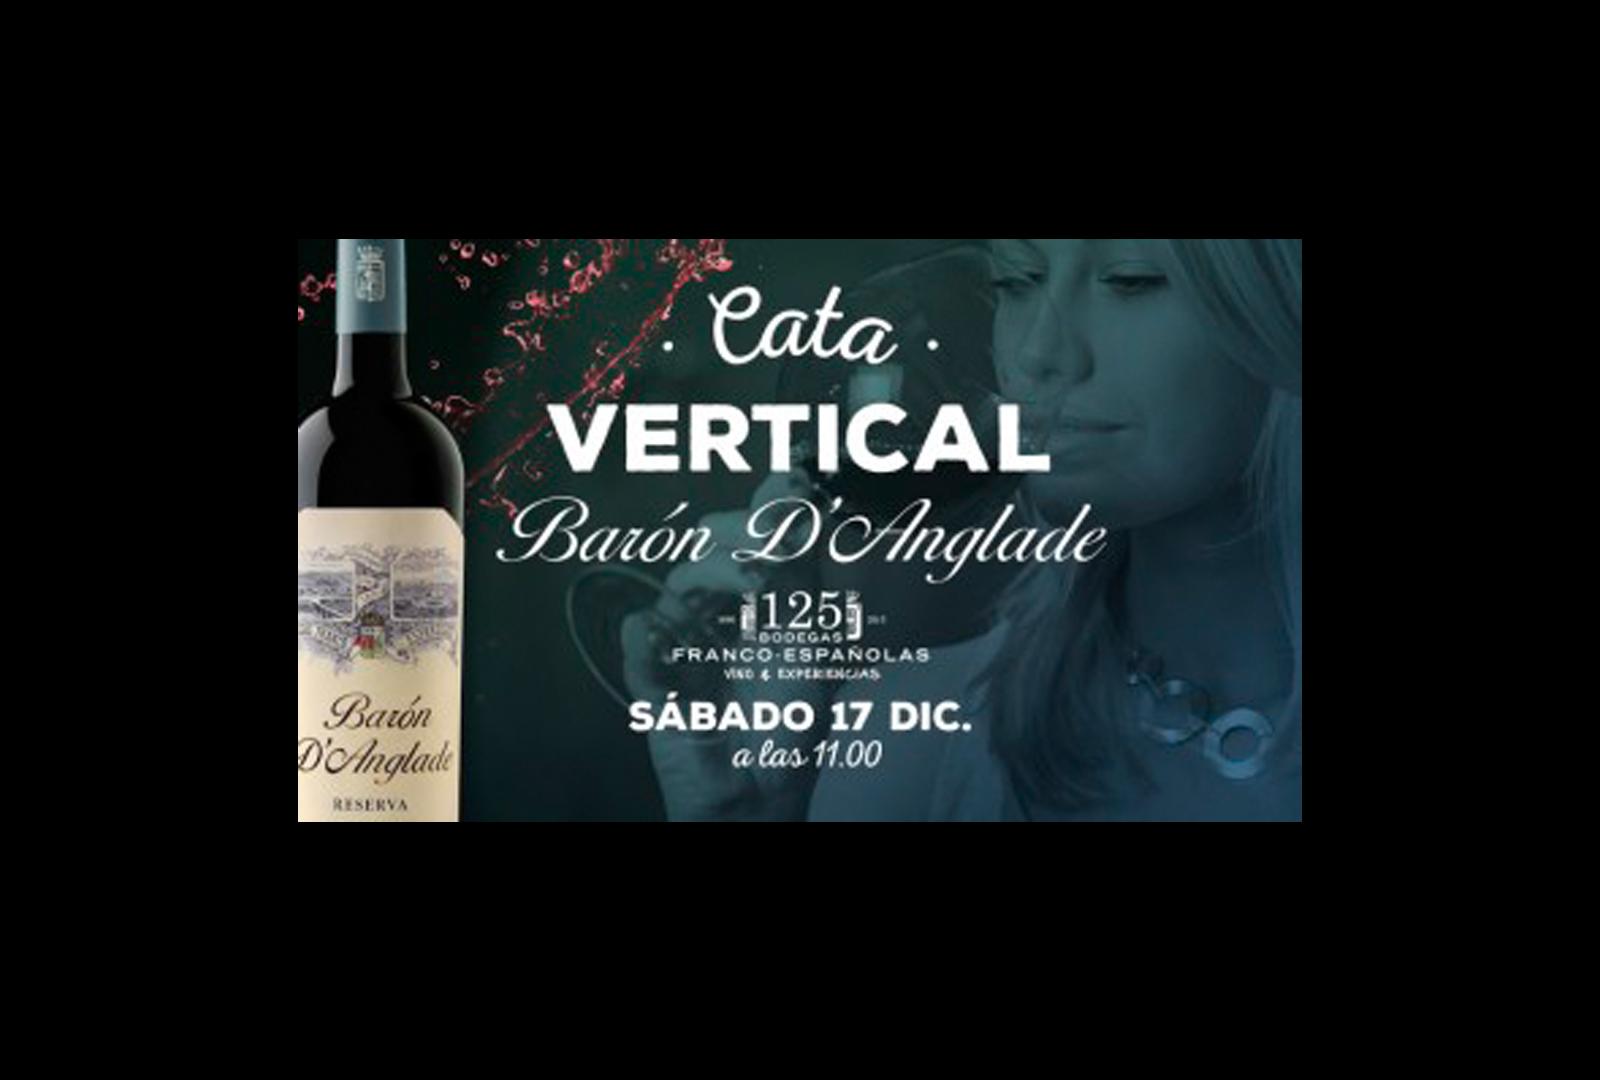 Cata vertical del vino Barón d'Anglade Reserva Ed. limitada